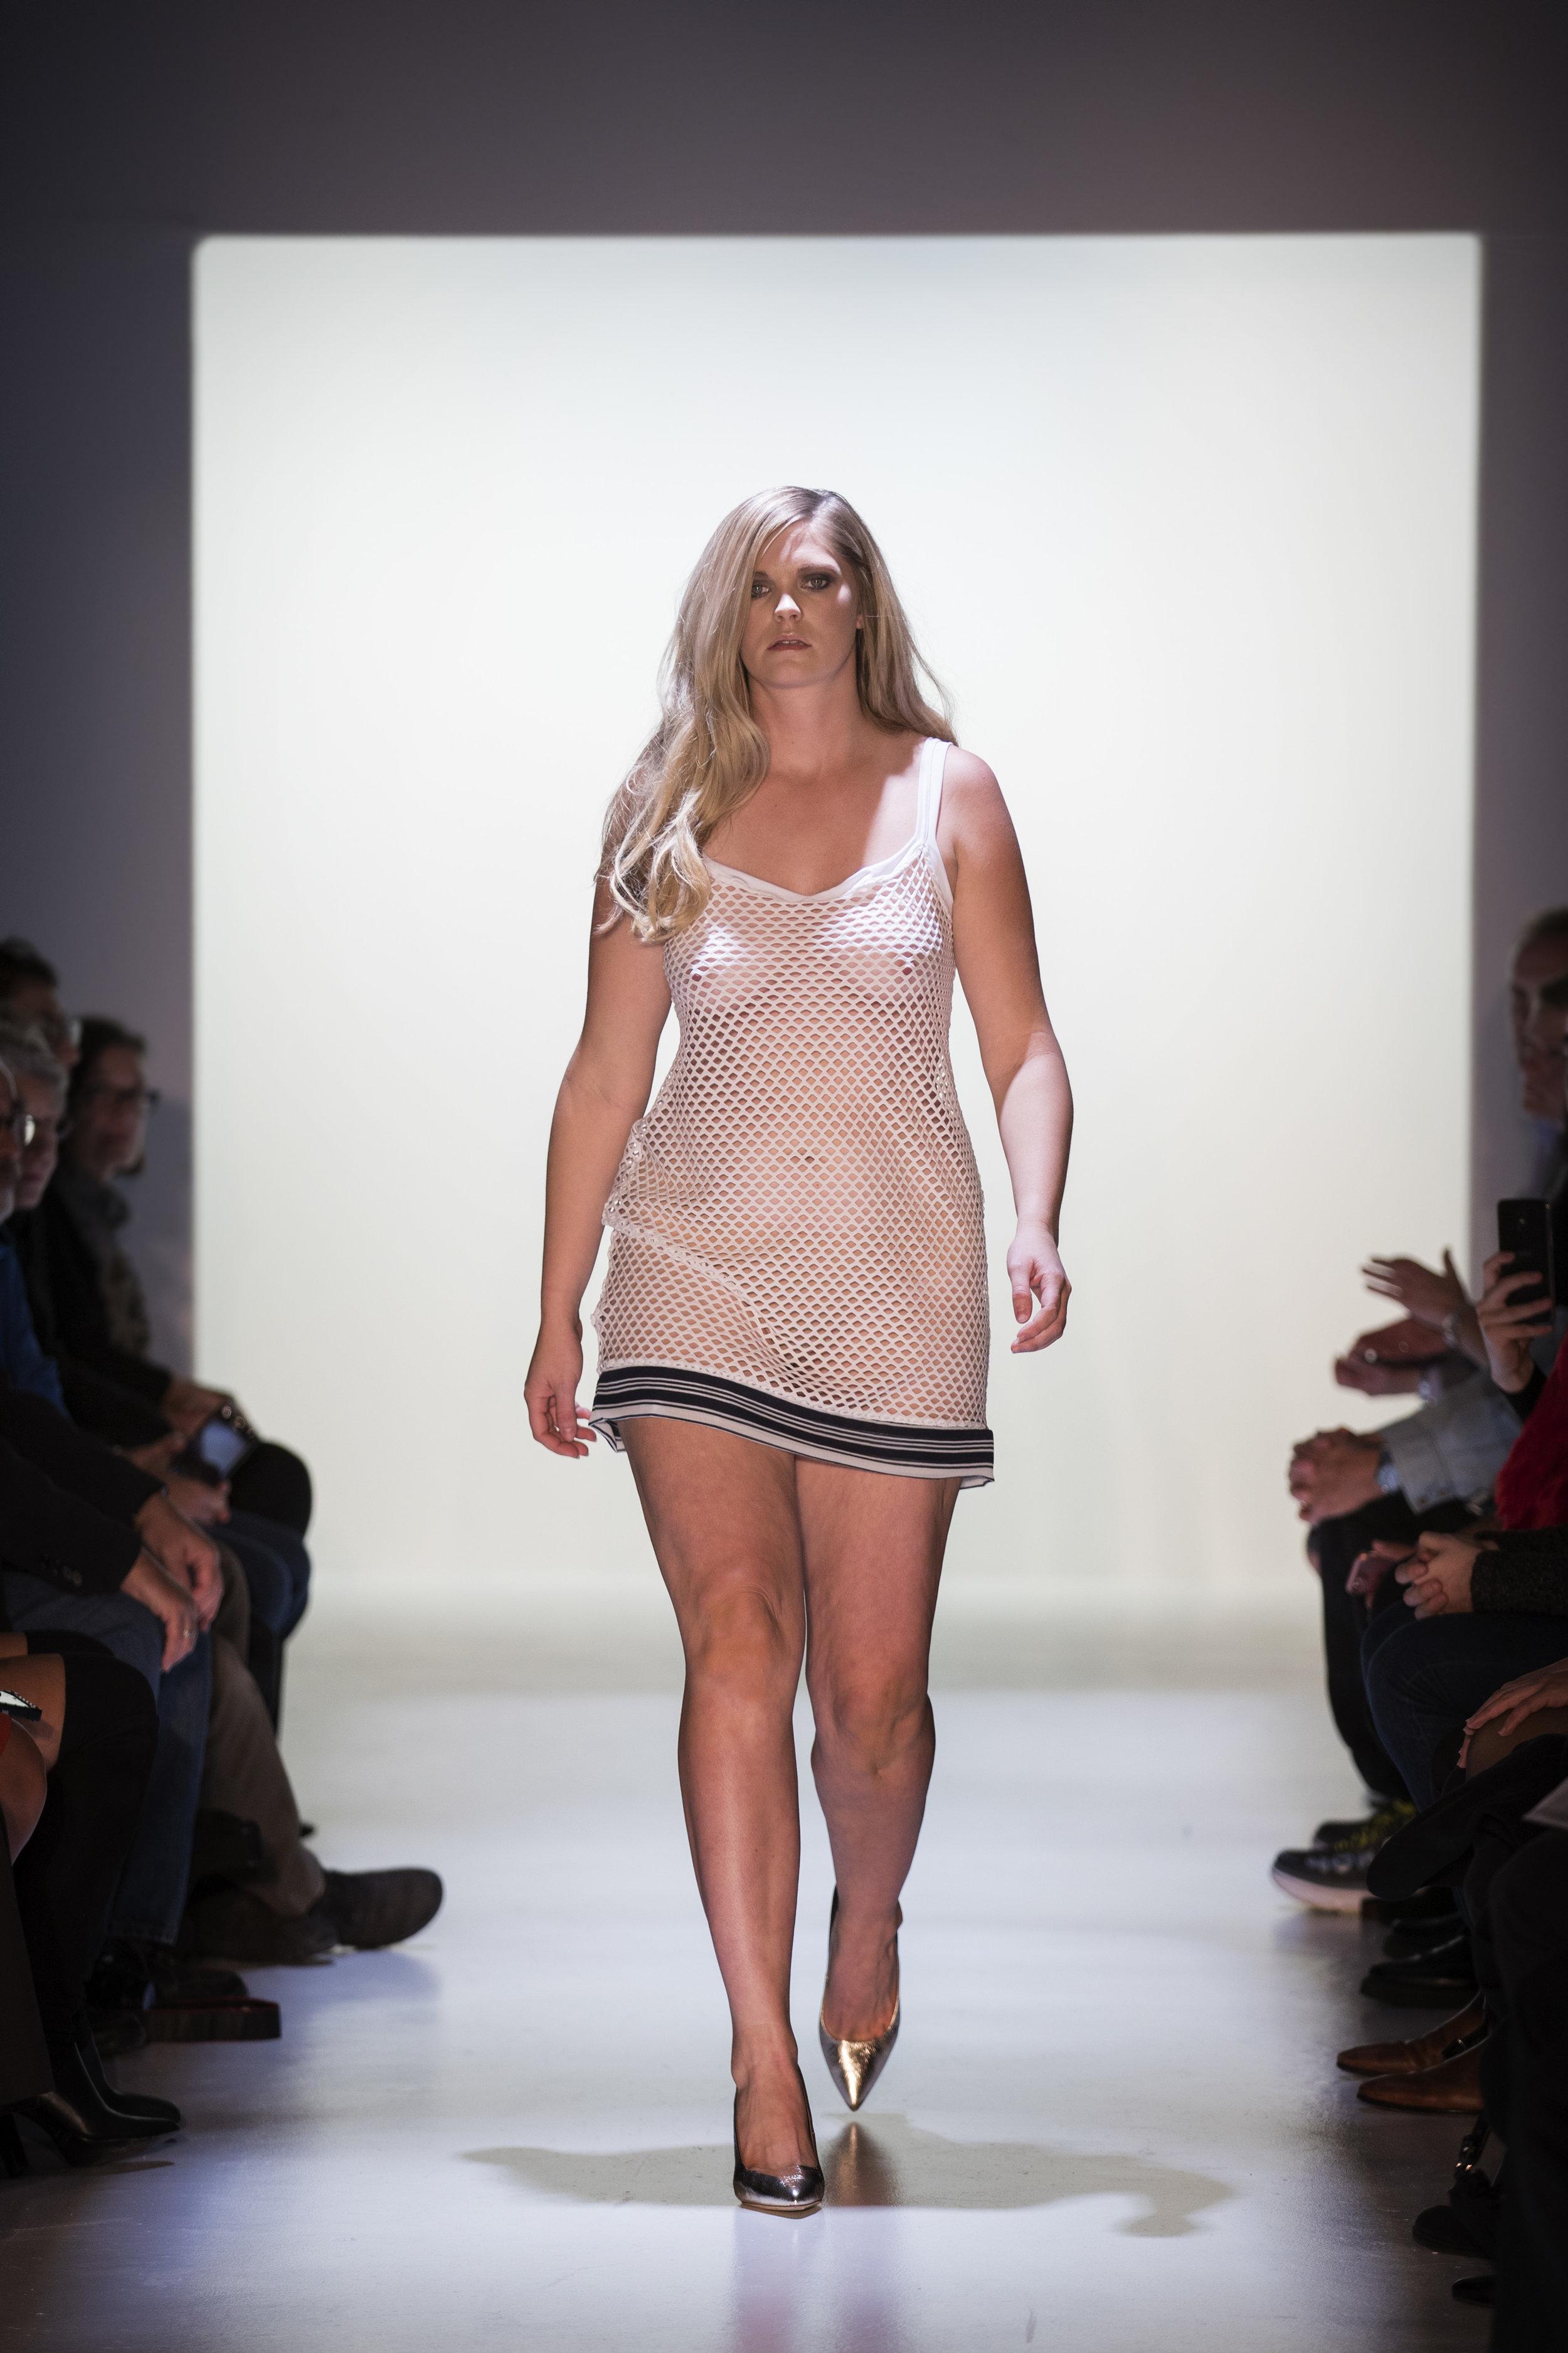 Massif Fashion Week 2017 Day 3 Stephanie Carlson - 014.jpg